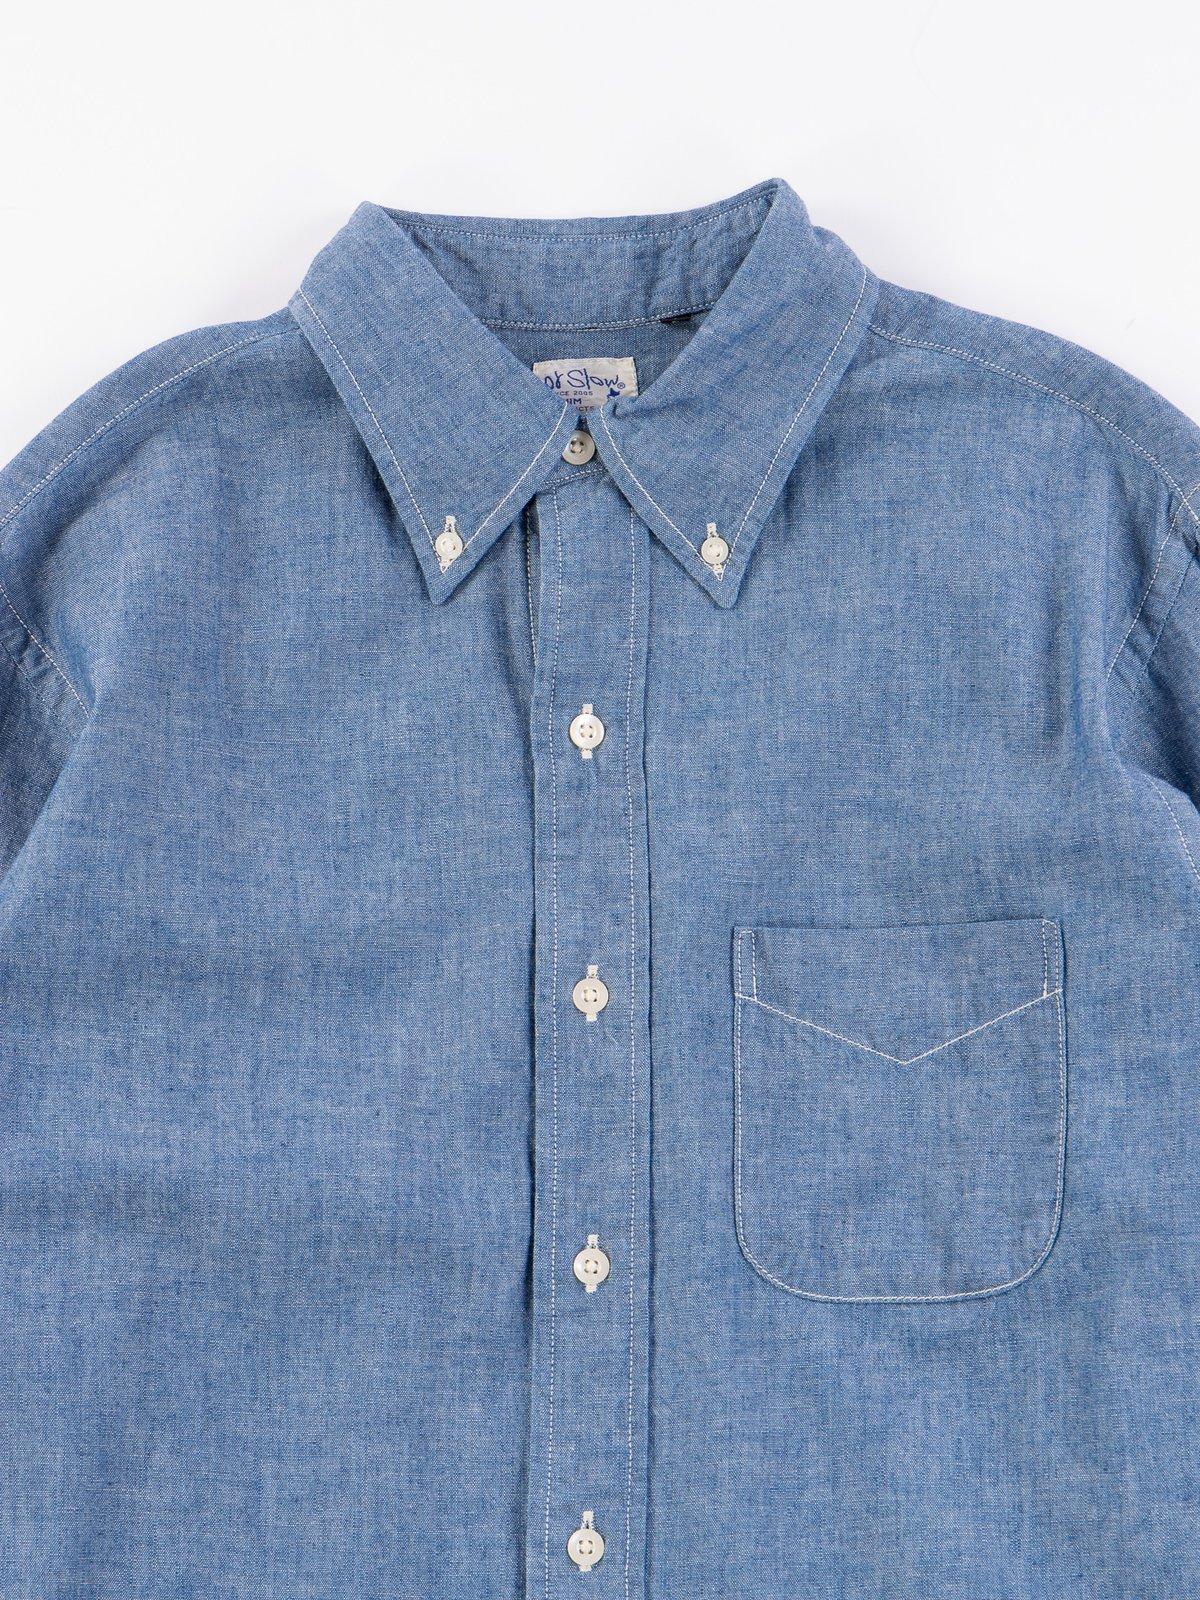 Blue Chambray BD Shirt - Image 1